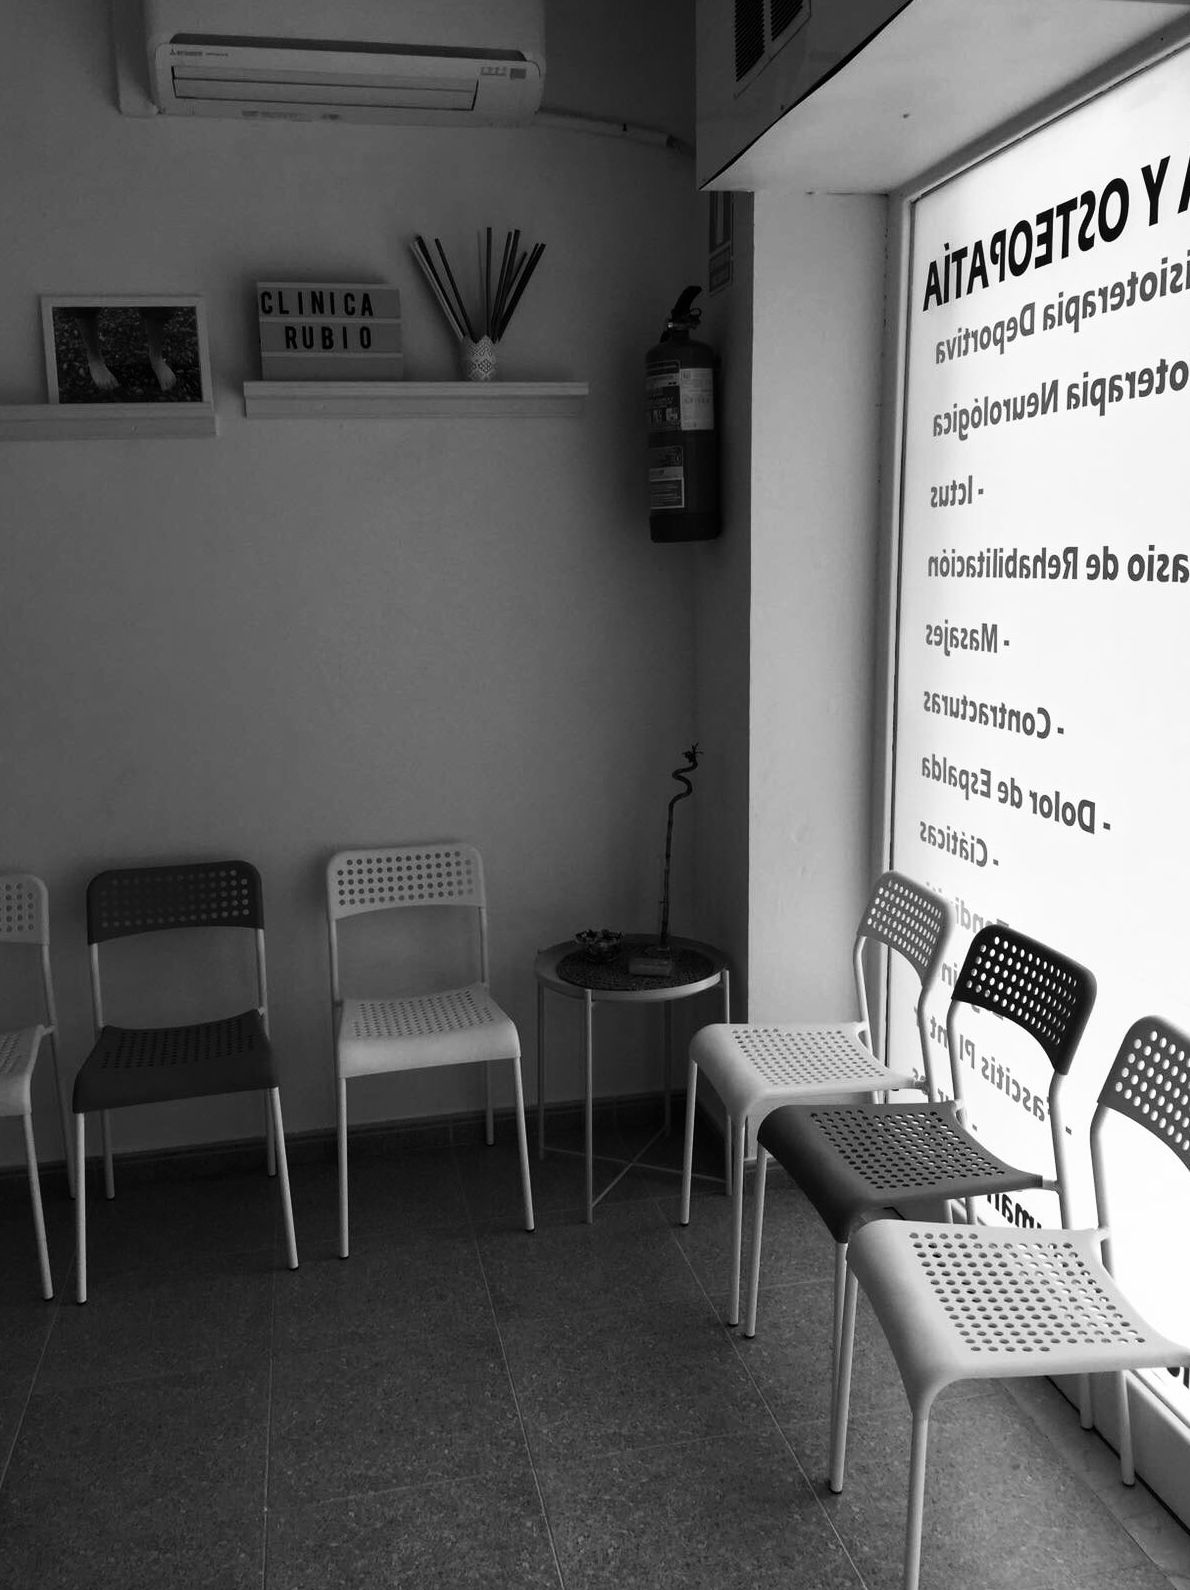 Foto 15 de Psicoterapia en Humanes de Madrid | Clínica Rubio